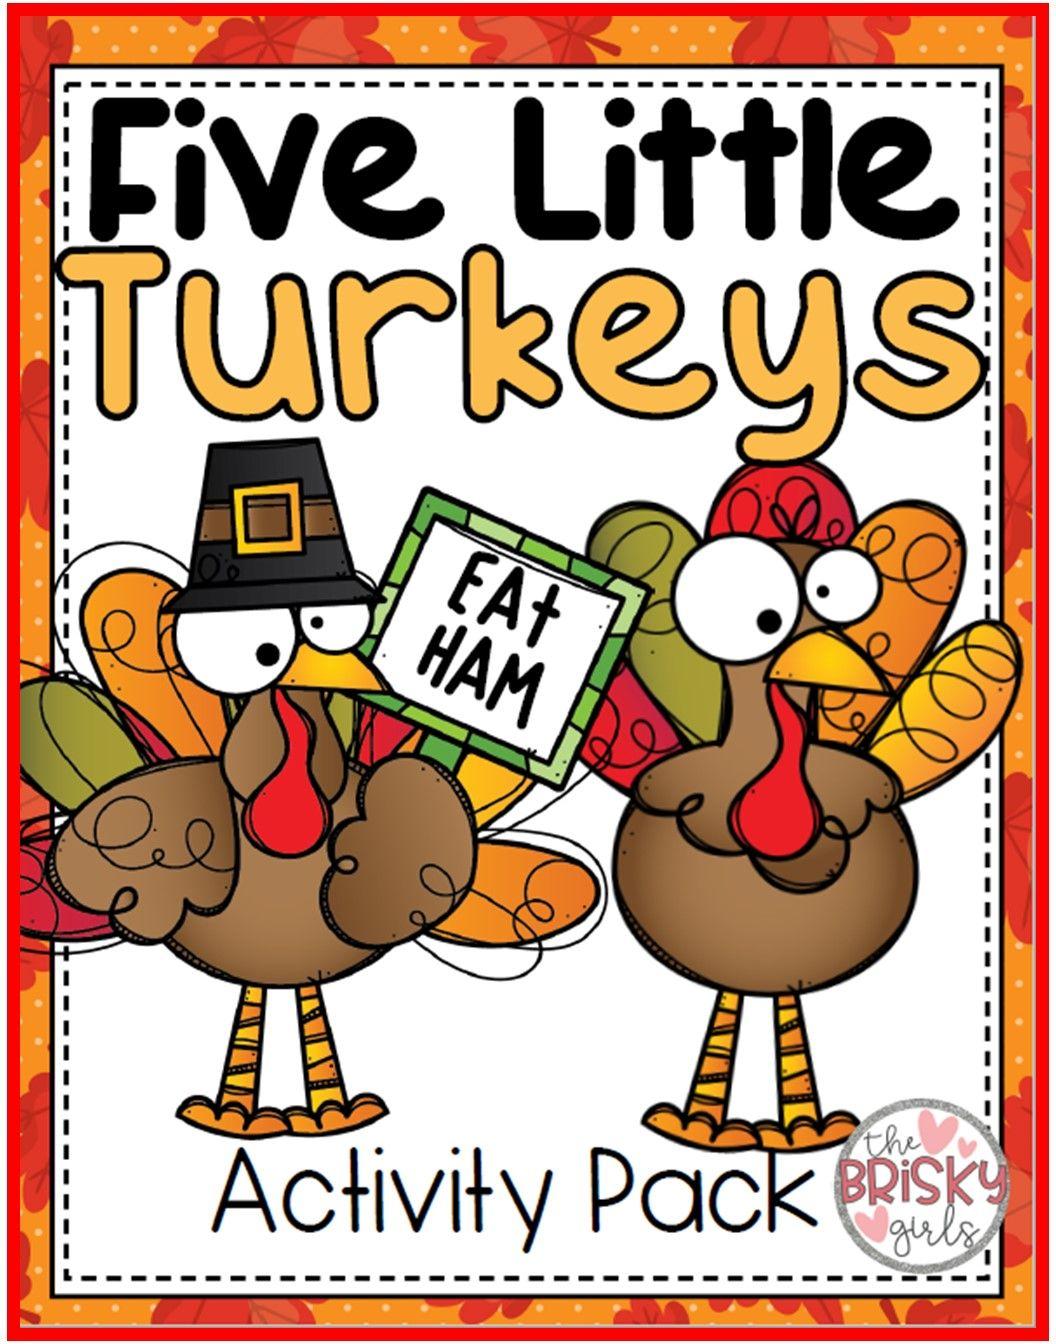 5 Little Turkeys Thanksgiving Activities Prek